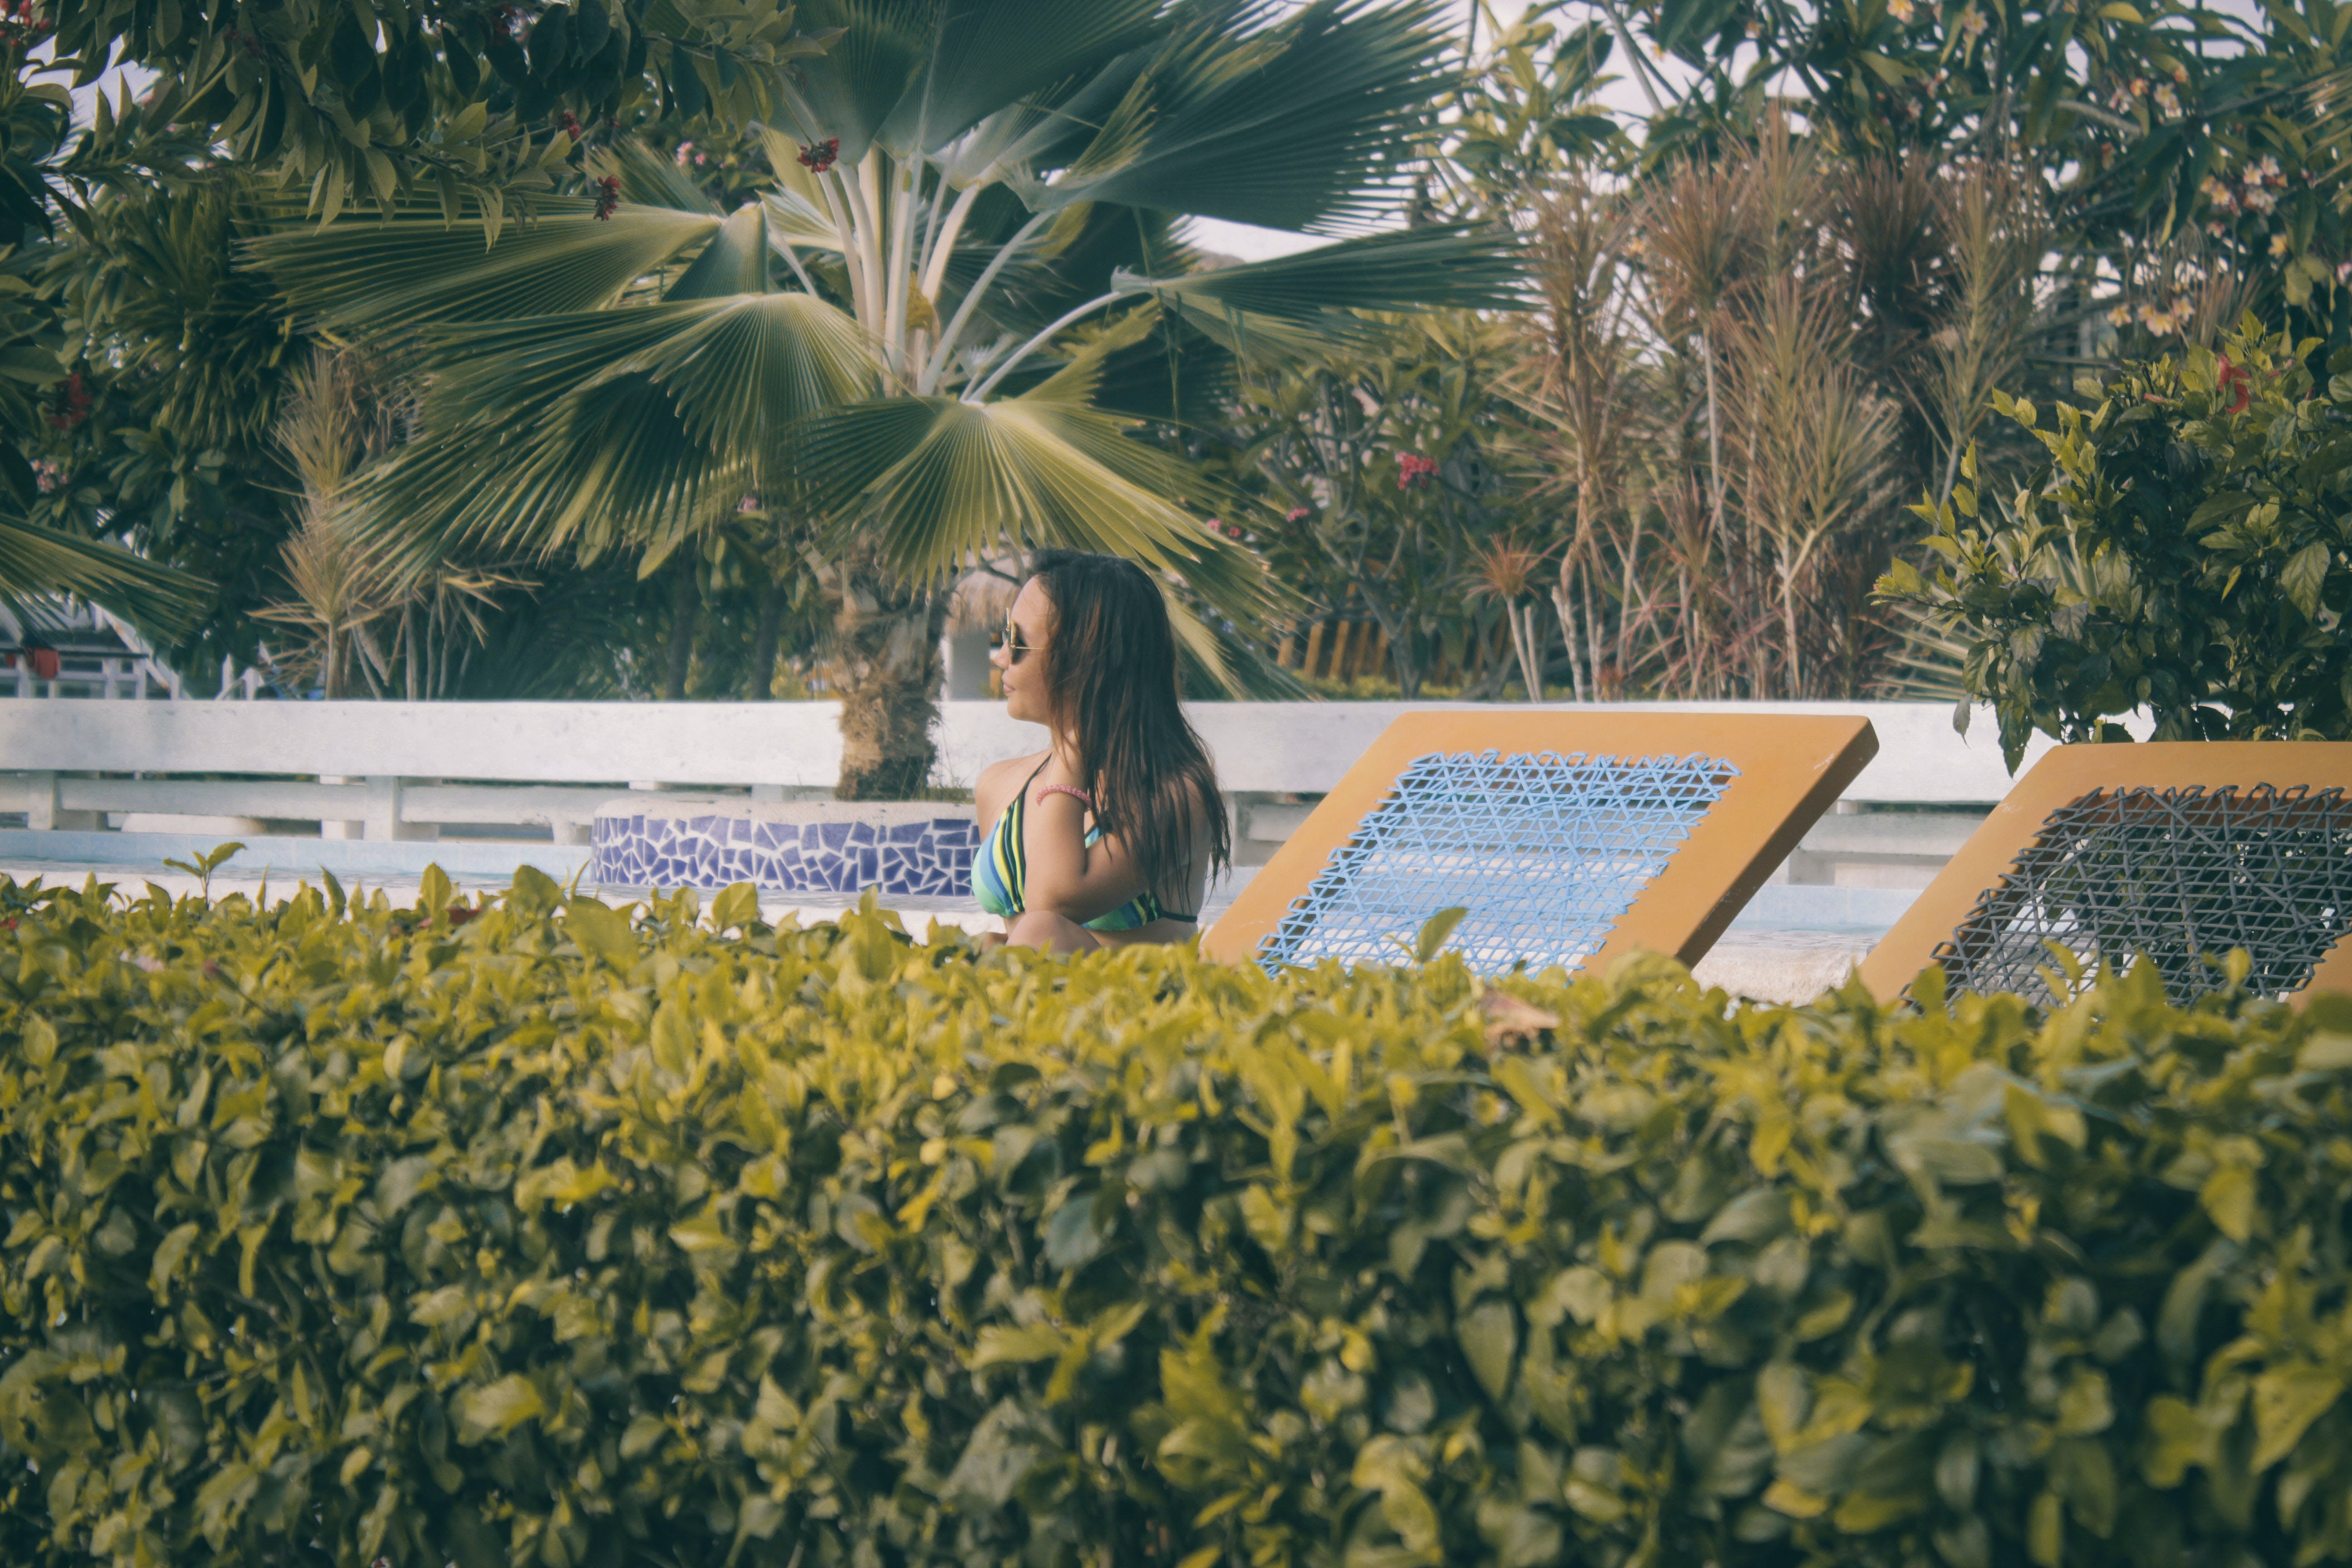 Woman Wearing Teal Bikini Top